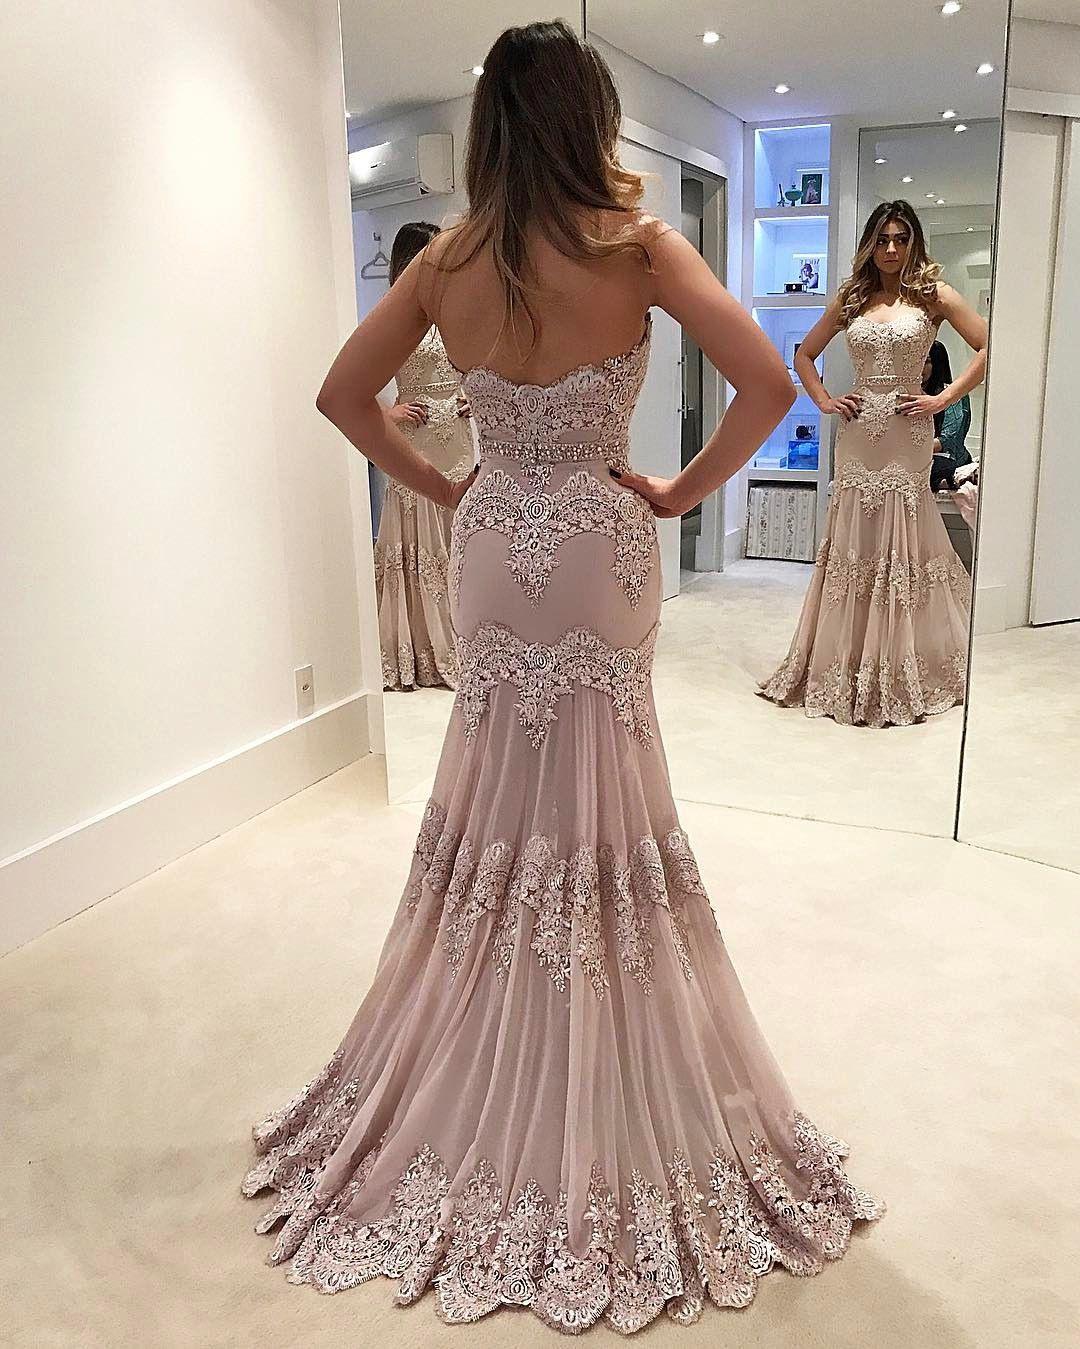 15 Kreativ Schöne Abendkleider Kaufen Vertrieb - Abendkleid